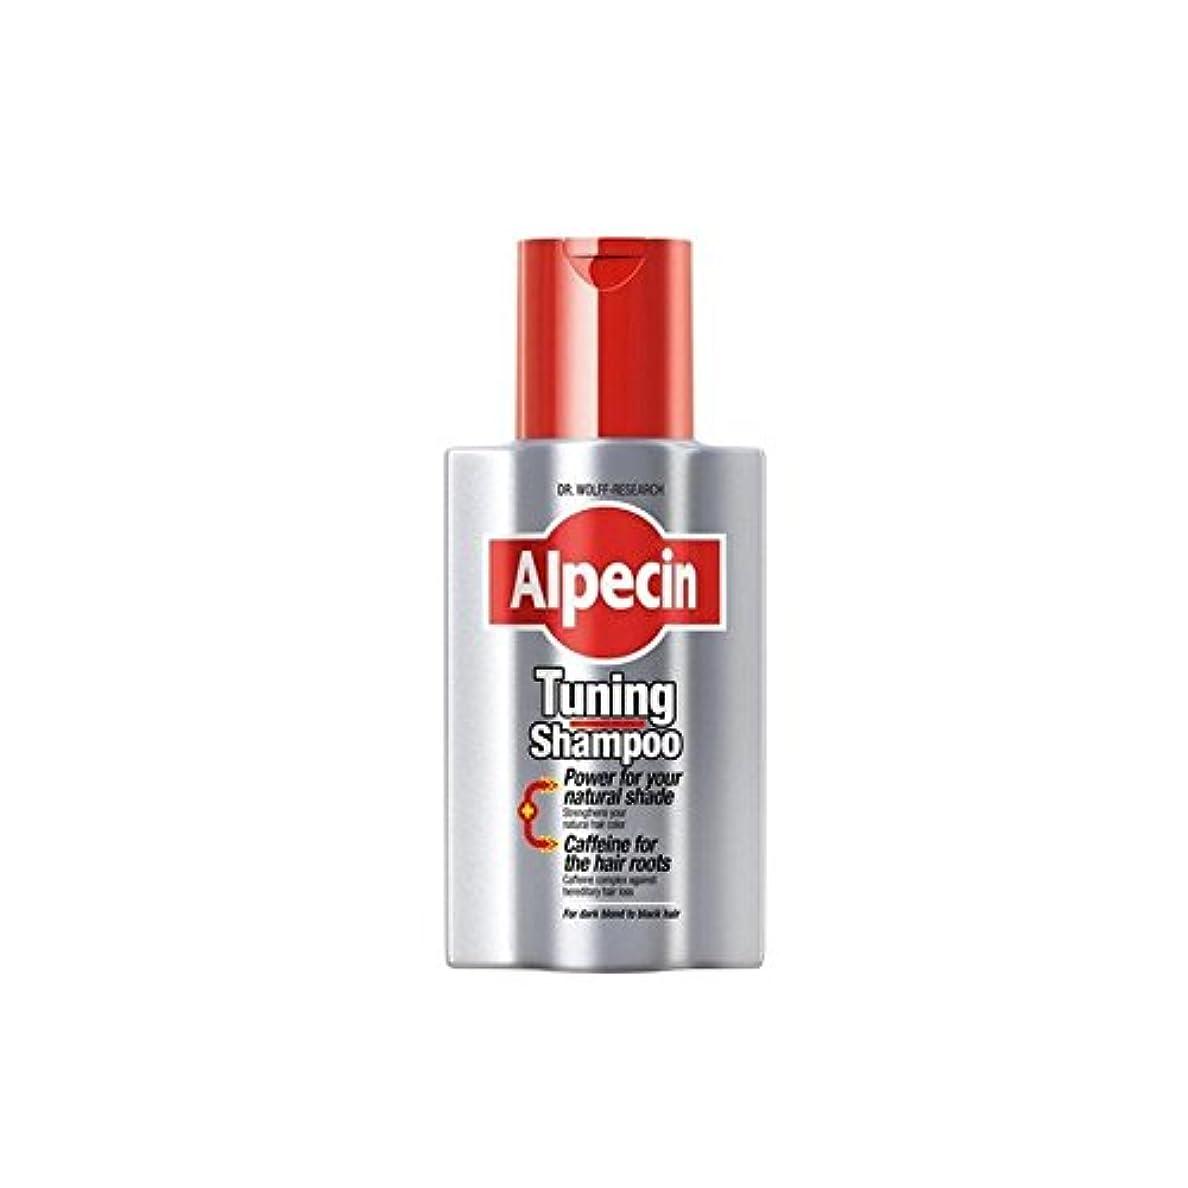 もしプログラム下Alpecin Tuning Shampoo (200ml) - チューニングシャンプー(200ミリリットル) [並行輸入品]